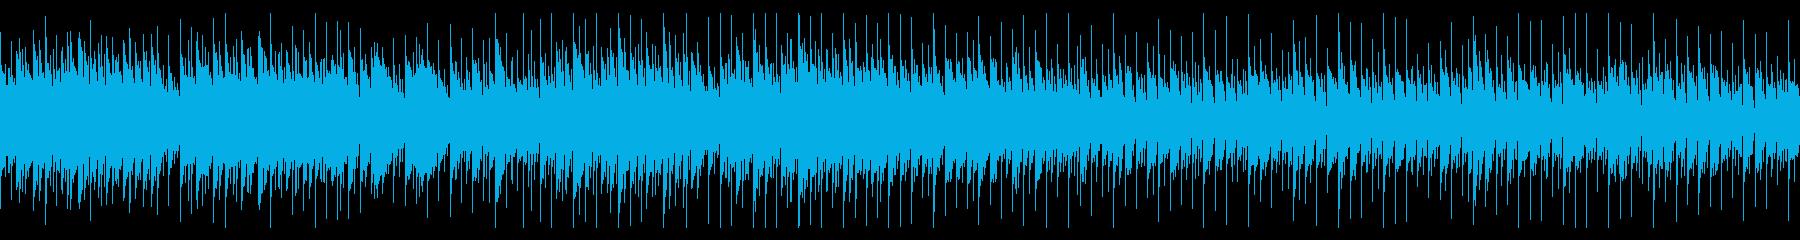 キラキラしたシンセ曲企業やCMにの再生済みの波形